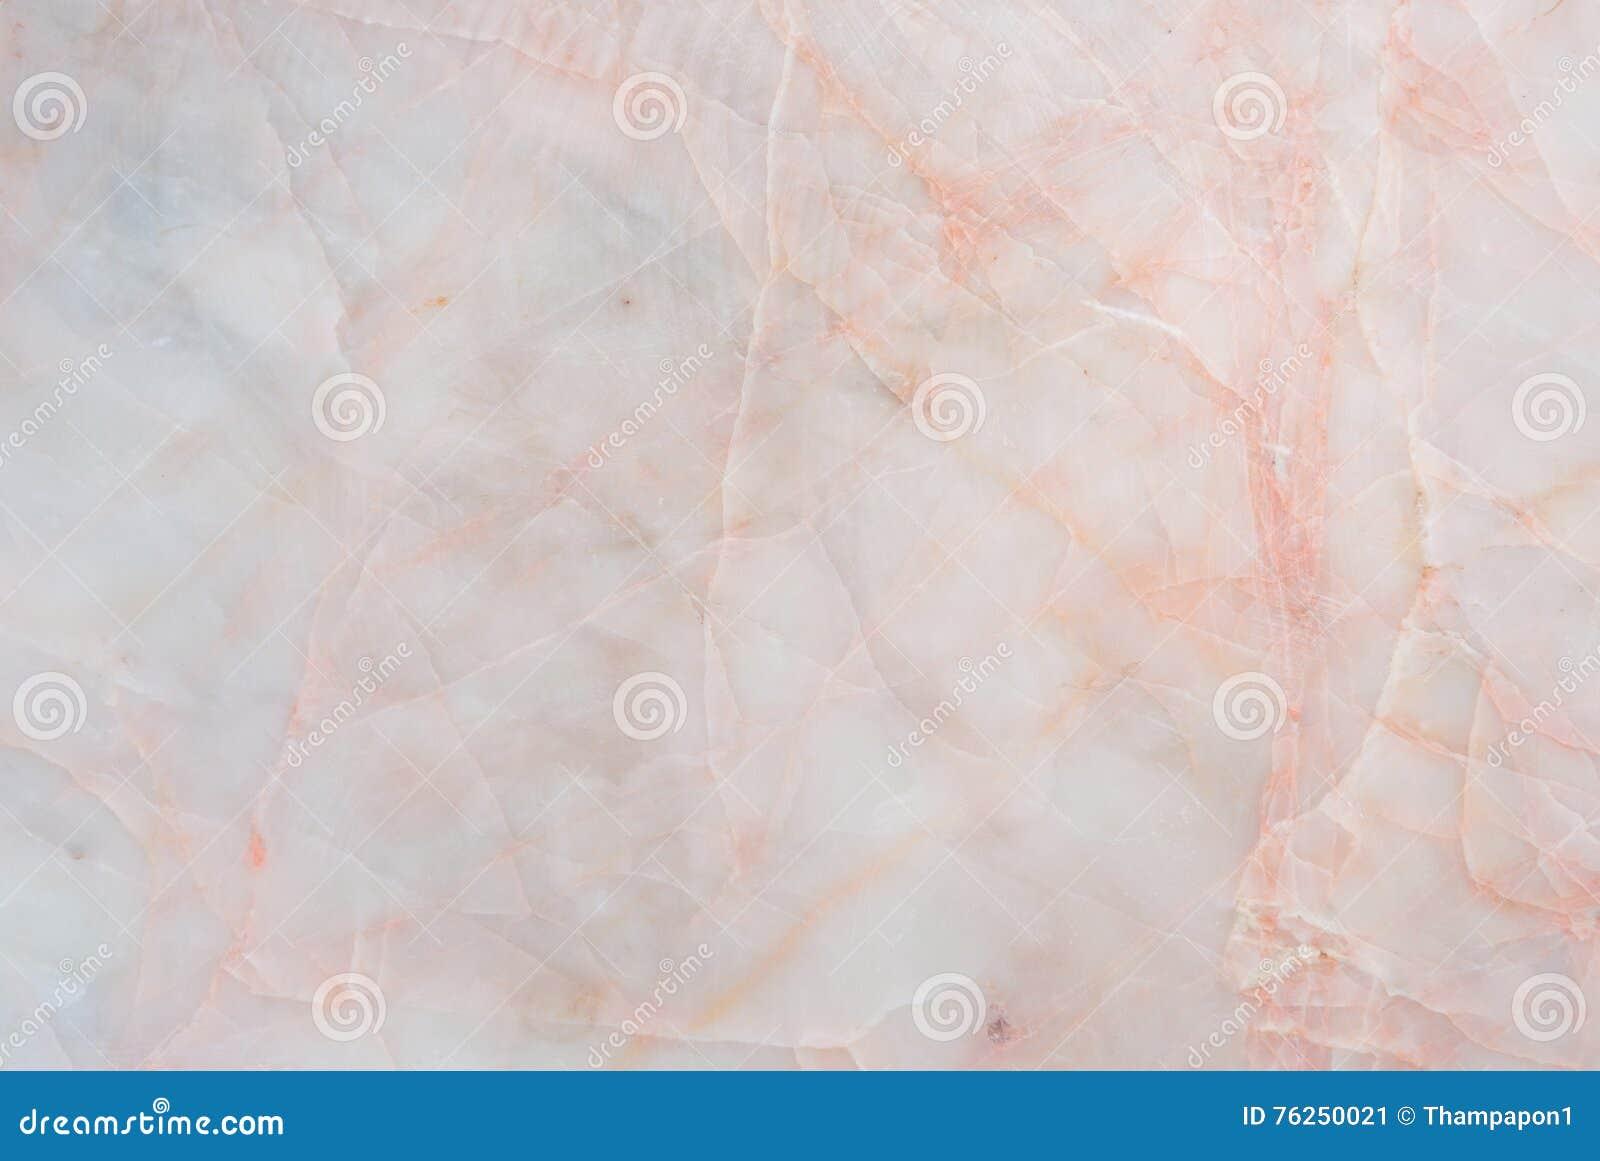 Marmo Rosa Del Portogallo pietra interna decorativa di struttura del pavimento di